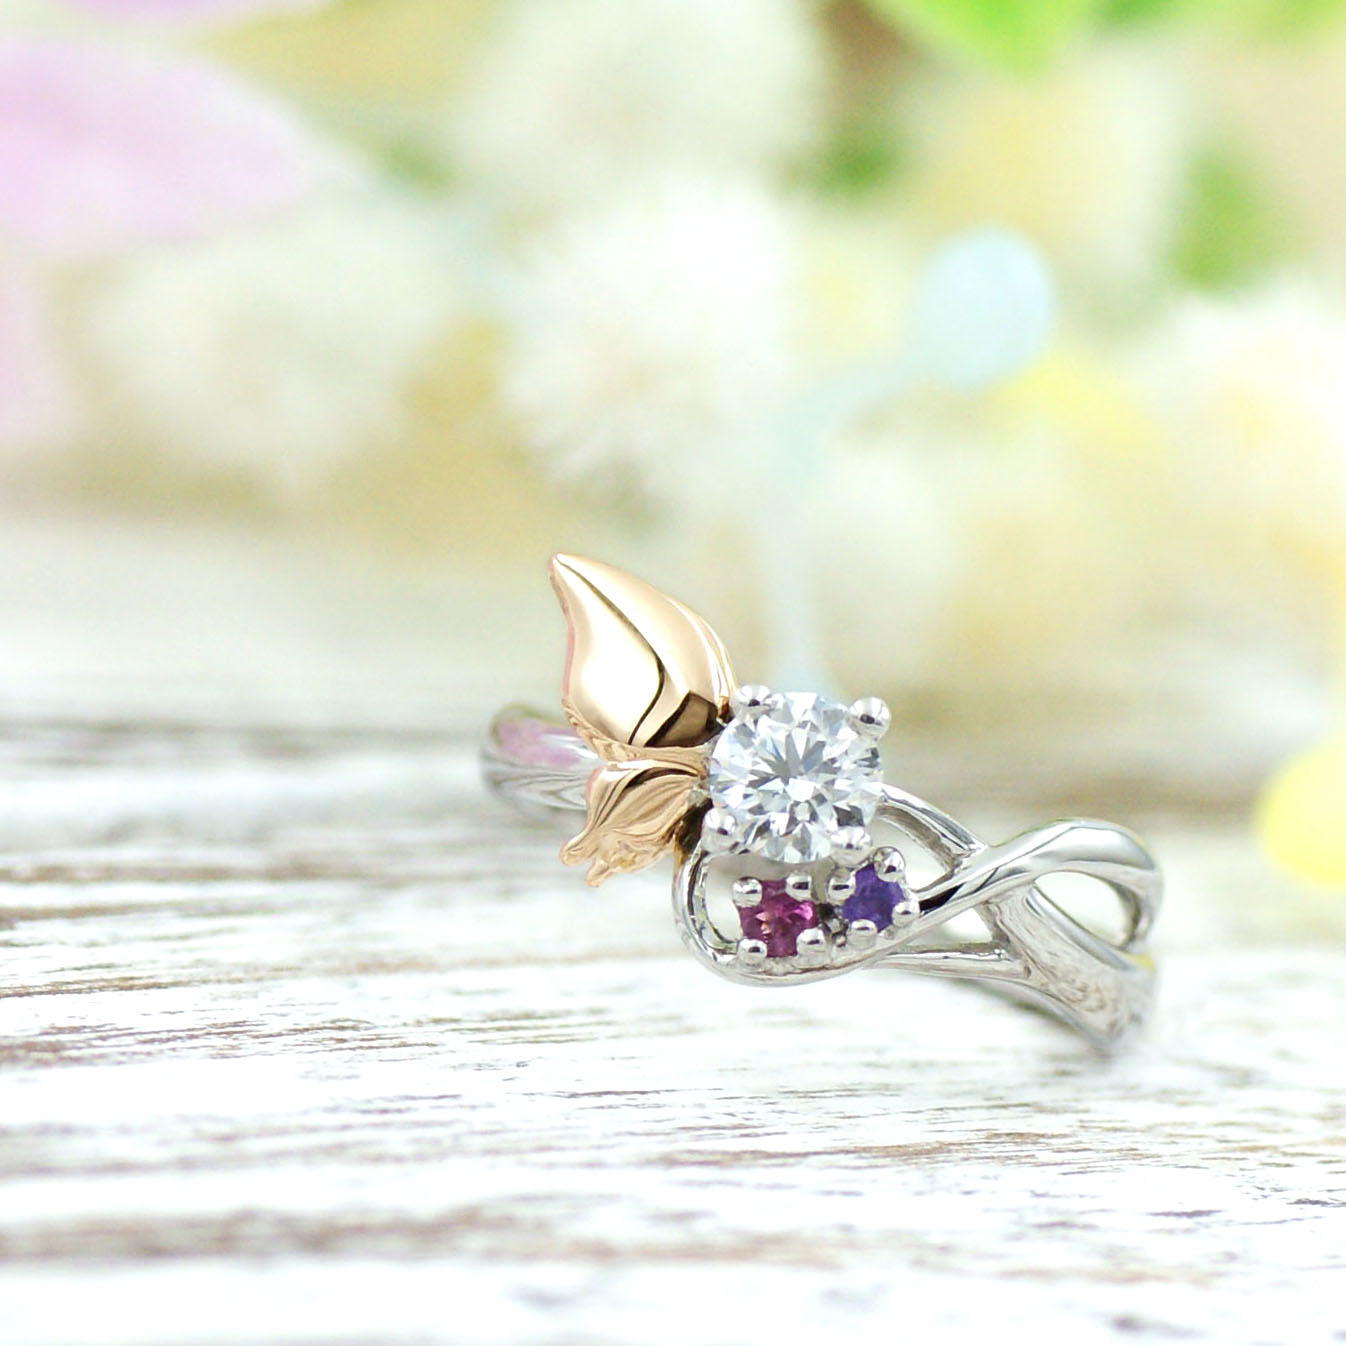 蝶々モチーフの婚約指輪/kazariyaYui福島県郡山市